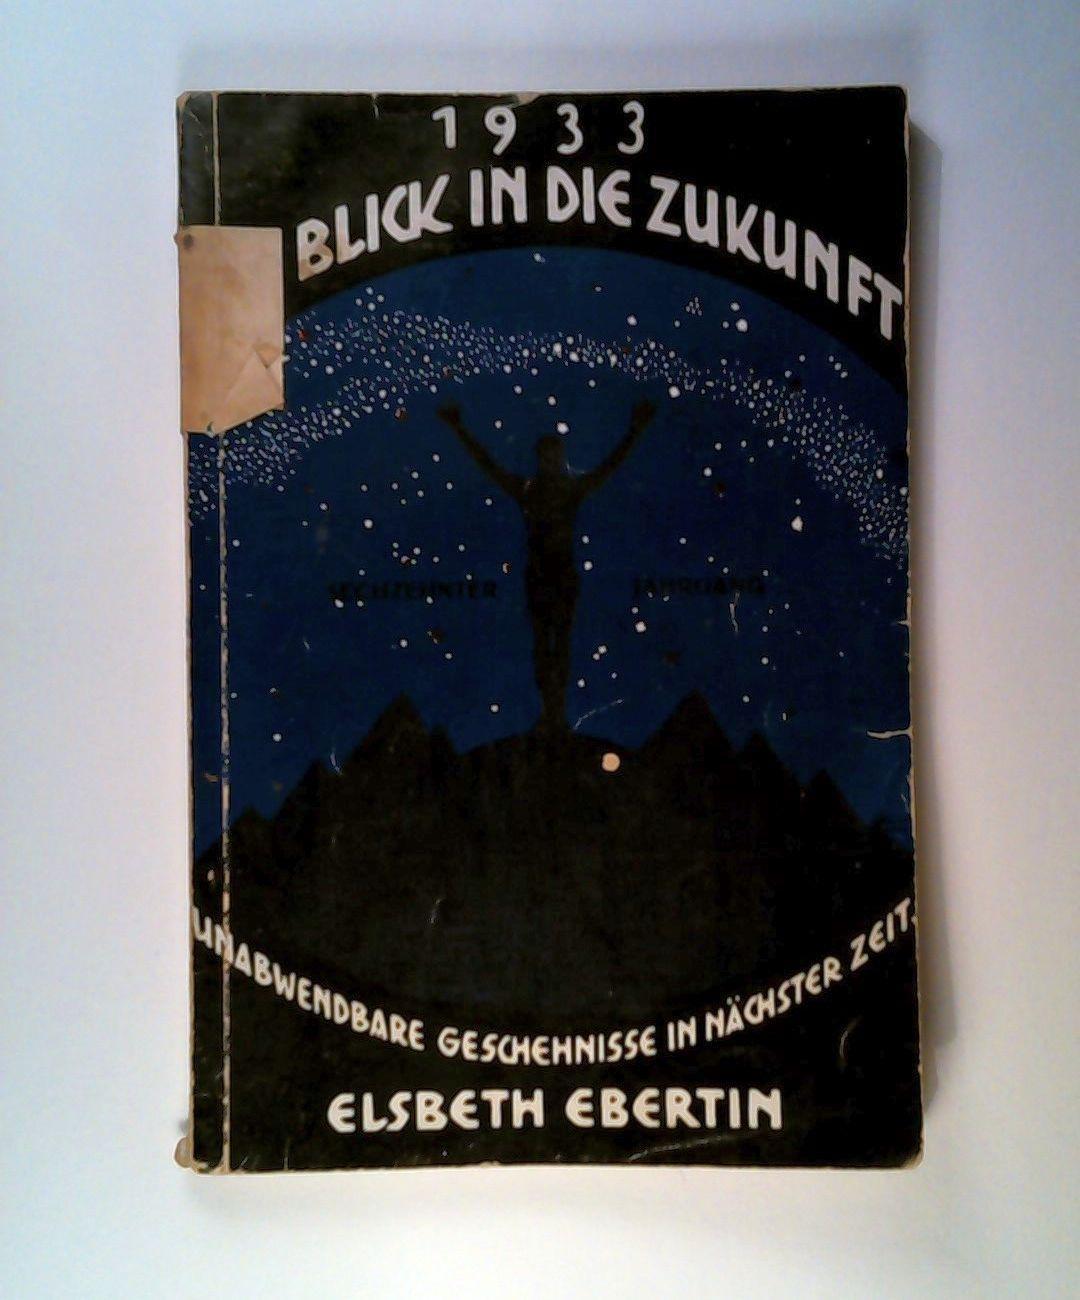 Ein Blick in die Zukunft. XVI. Jahrbuch: Ebertin, Elsbeth: